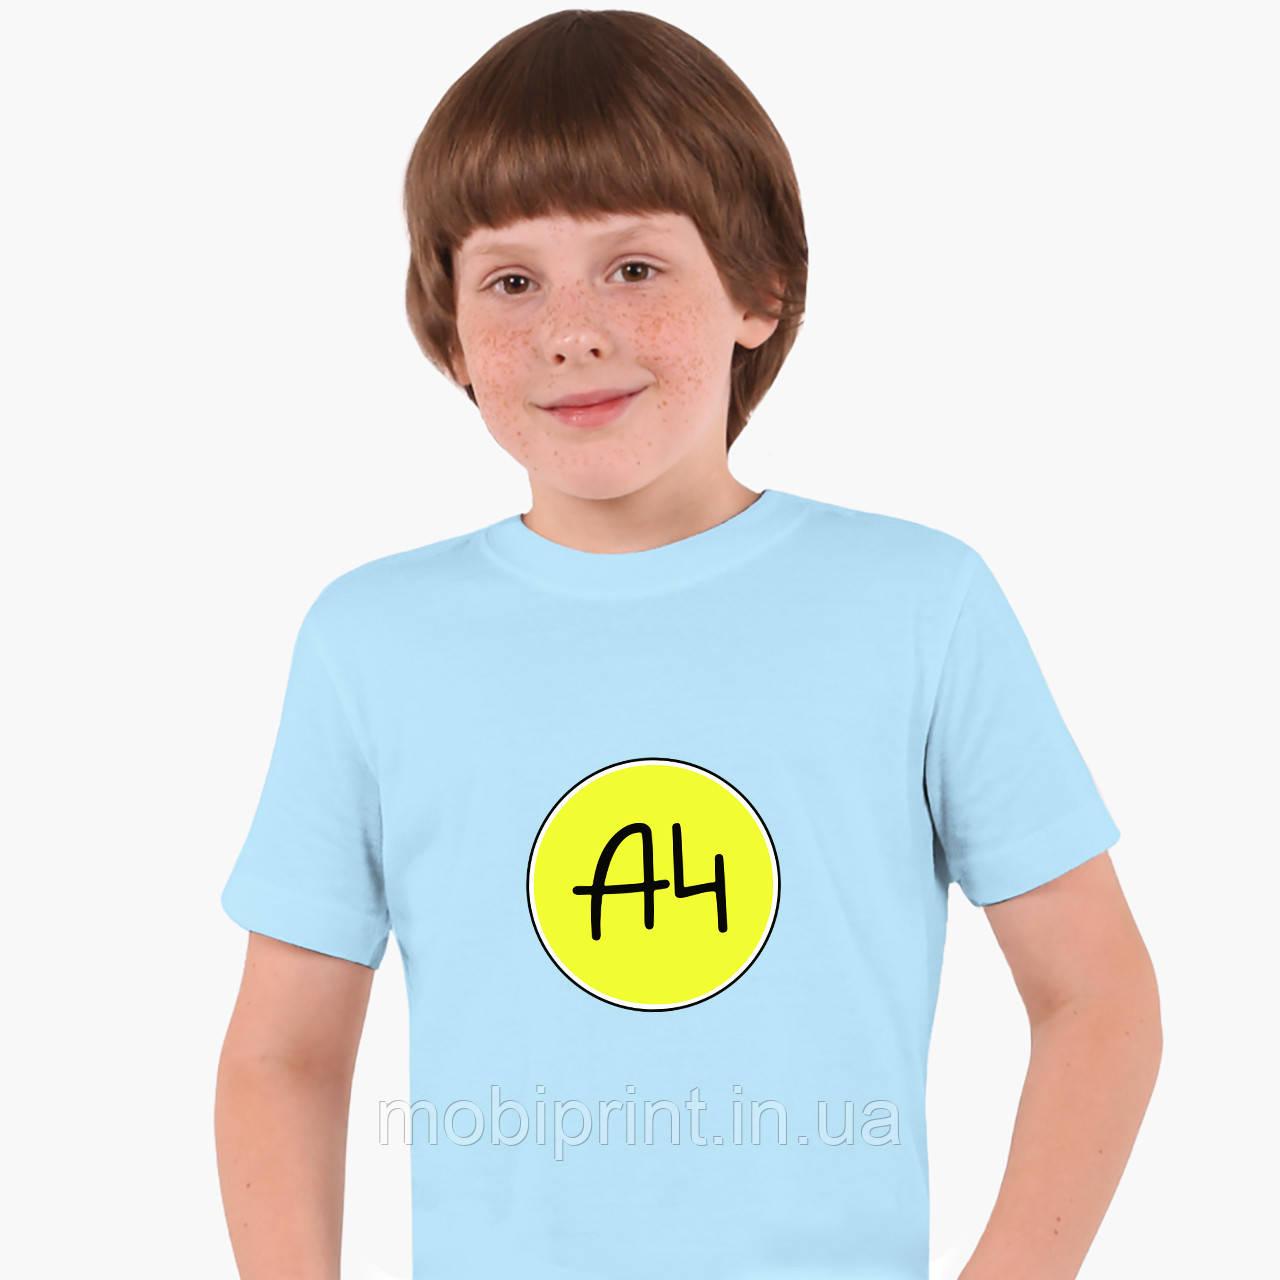 Дитяча футболка для хлопчиків блогер Влад Папір А4 (blogger Vlad A4) (25186-2620) Блакитний